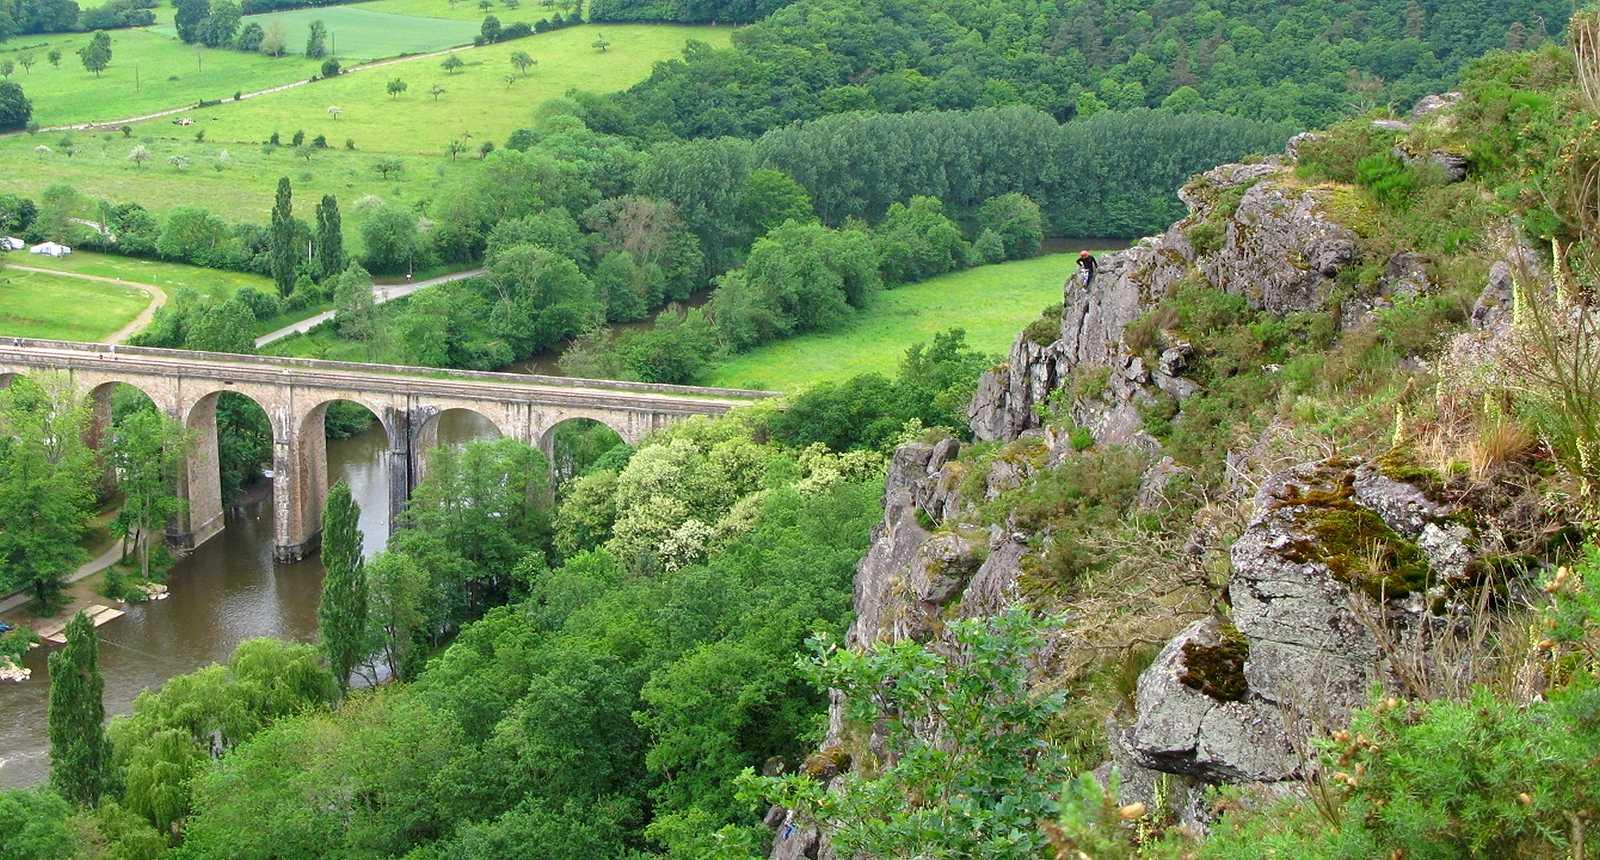 Photo le pont de cl cy vu du site d 39 escalade 2410 - Office de tourisme de la suisse normande ...